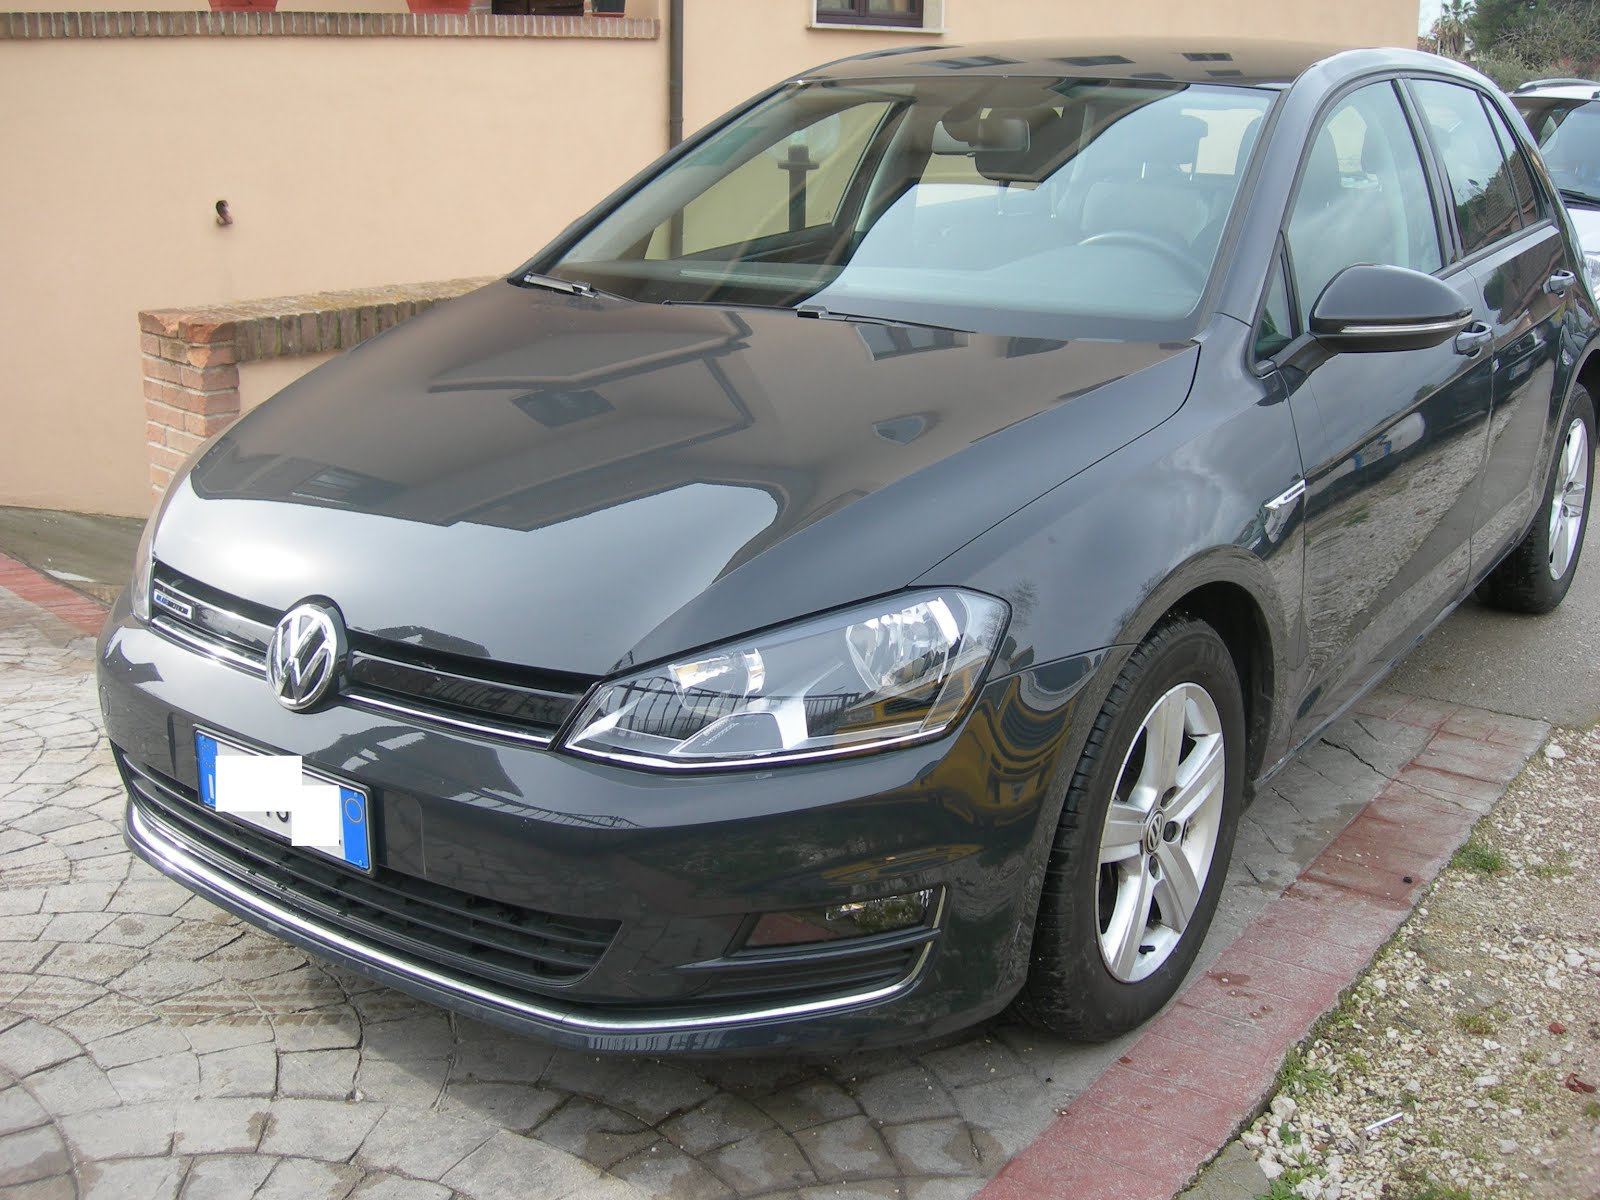 VW GOLF 7 METANO 1.4 BLUEMOTION HIGHLINE ANNO 2014 SUPER ACCESSORIATO 30.000 KM